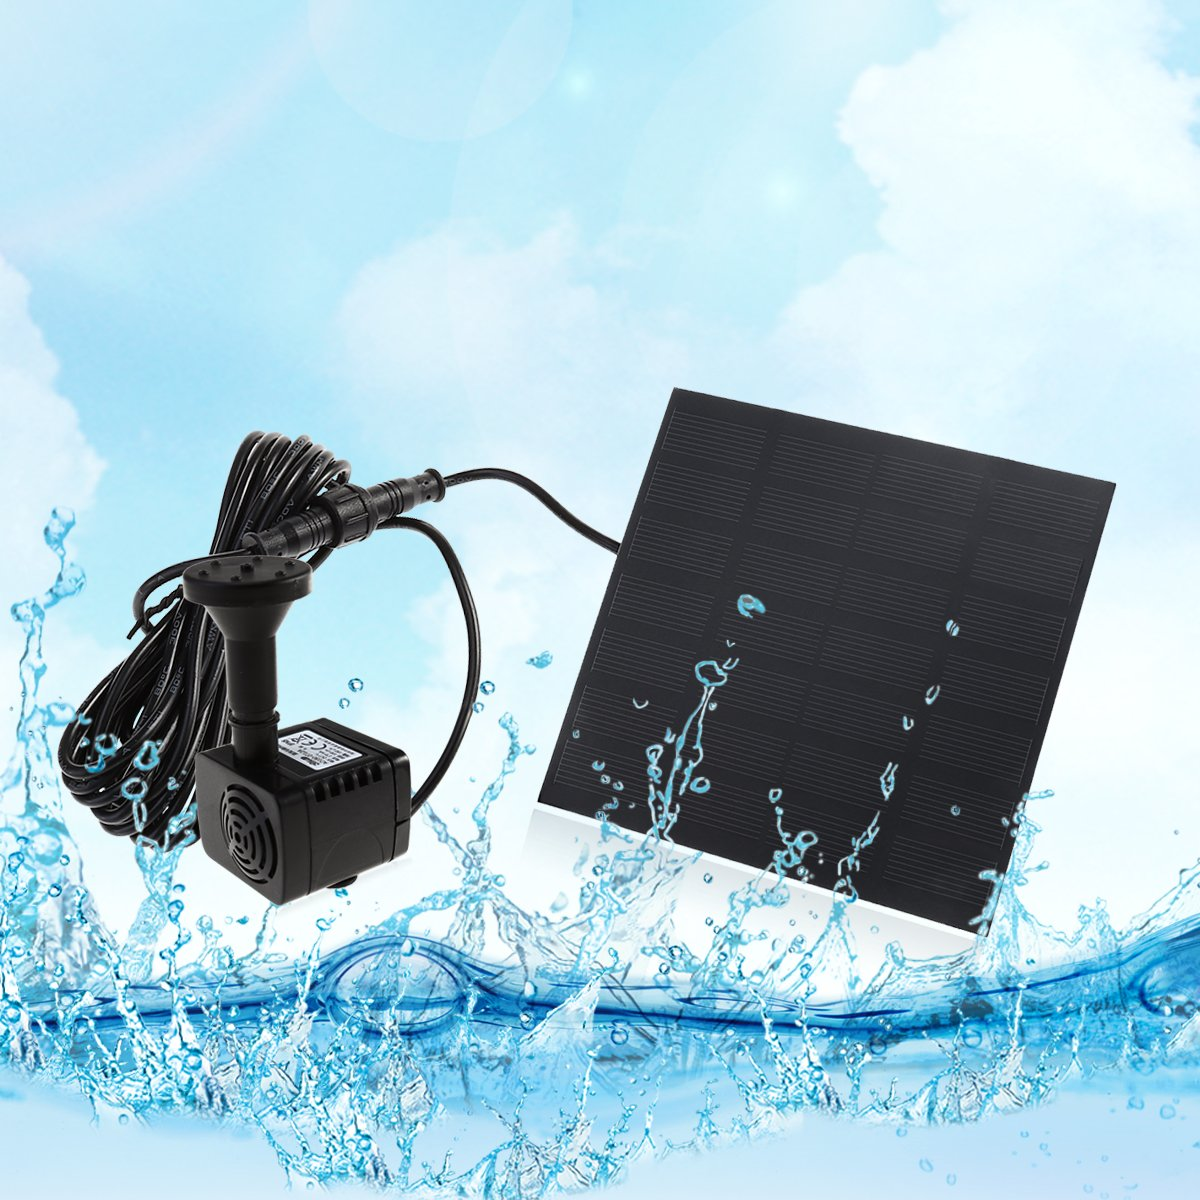 UEETEK 7V 1.2W 180L / H Bomba de agua de la energía solar de la bomba del acuario Fuente de la piscina del estanque Bomba sumergible: Amazon.es: Productos ...